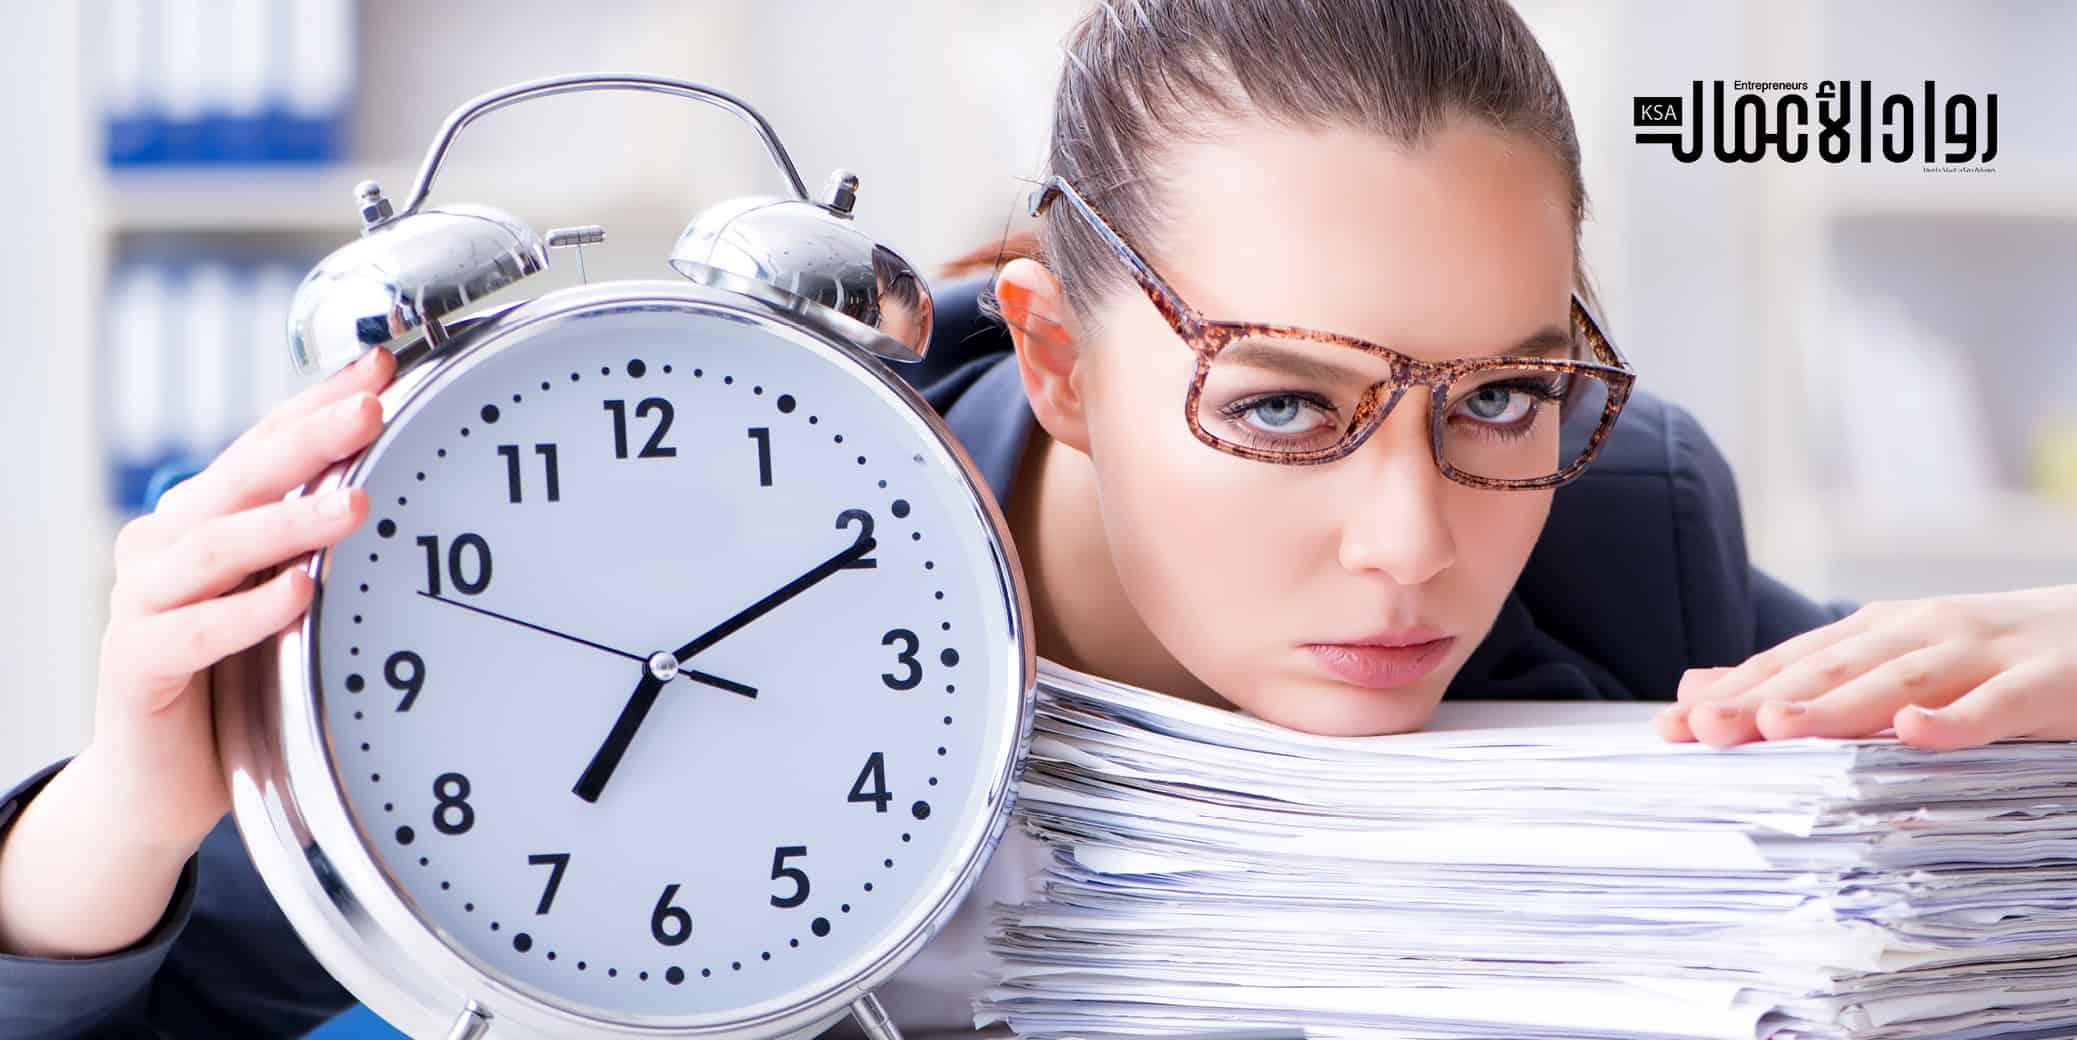 أخطاء تنظيم الوقت